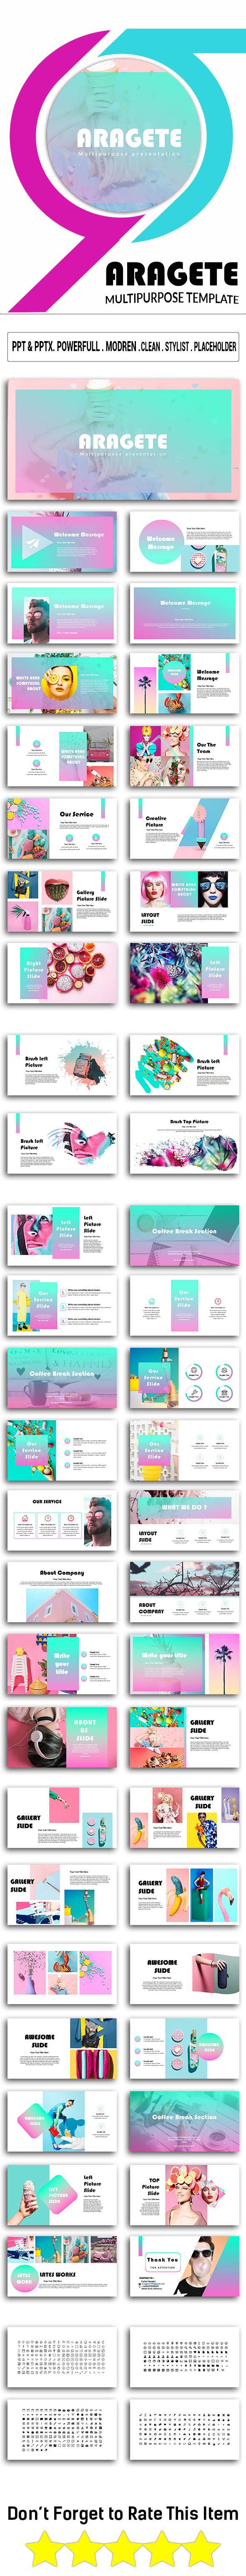 Aragete Google Slide Template - Google Slides Presentation Templates